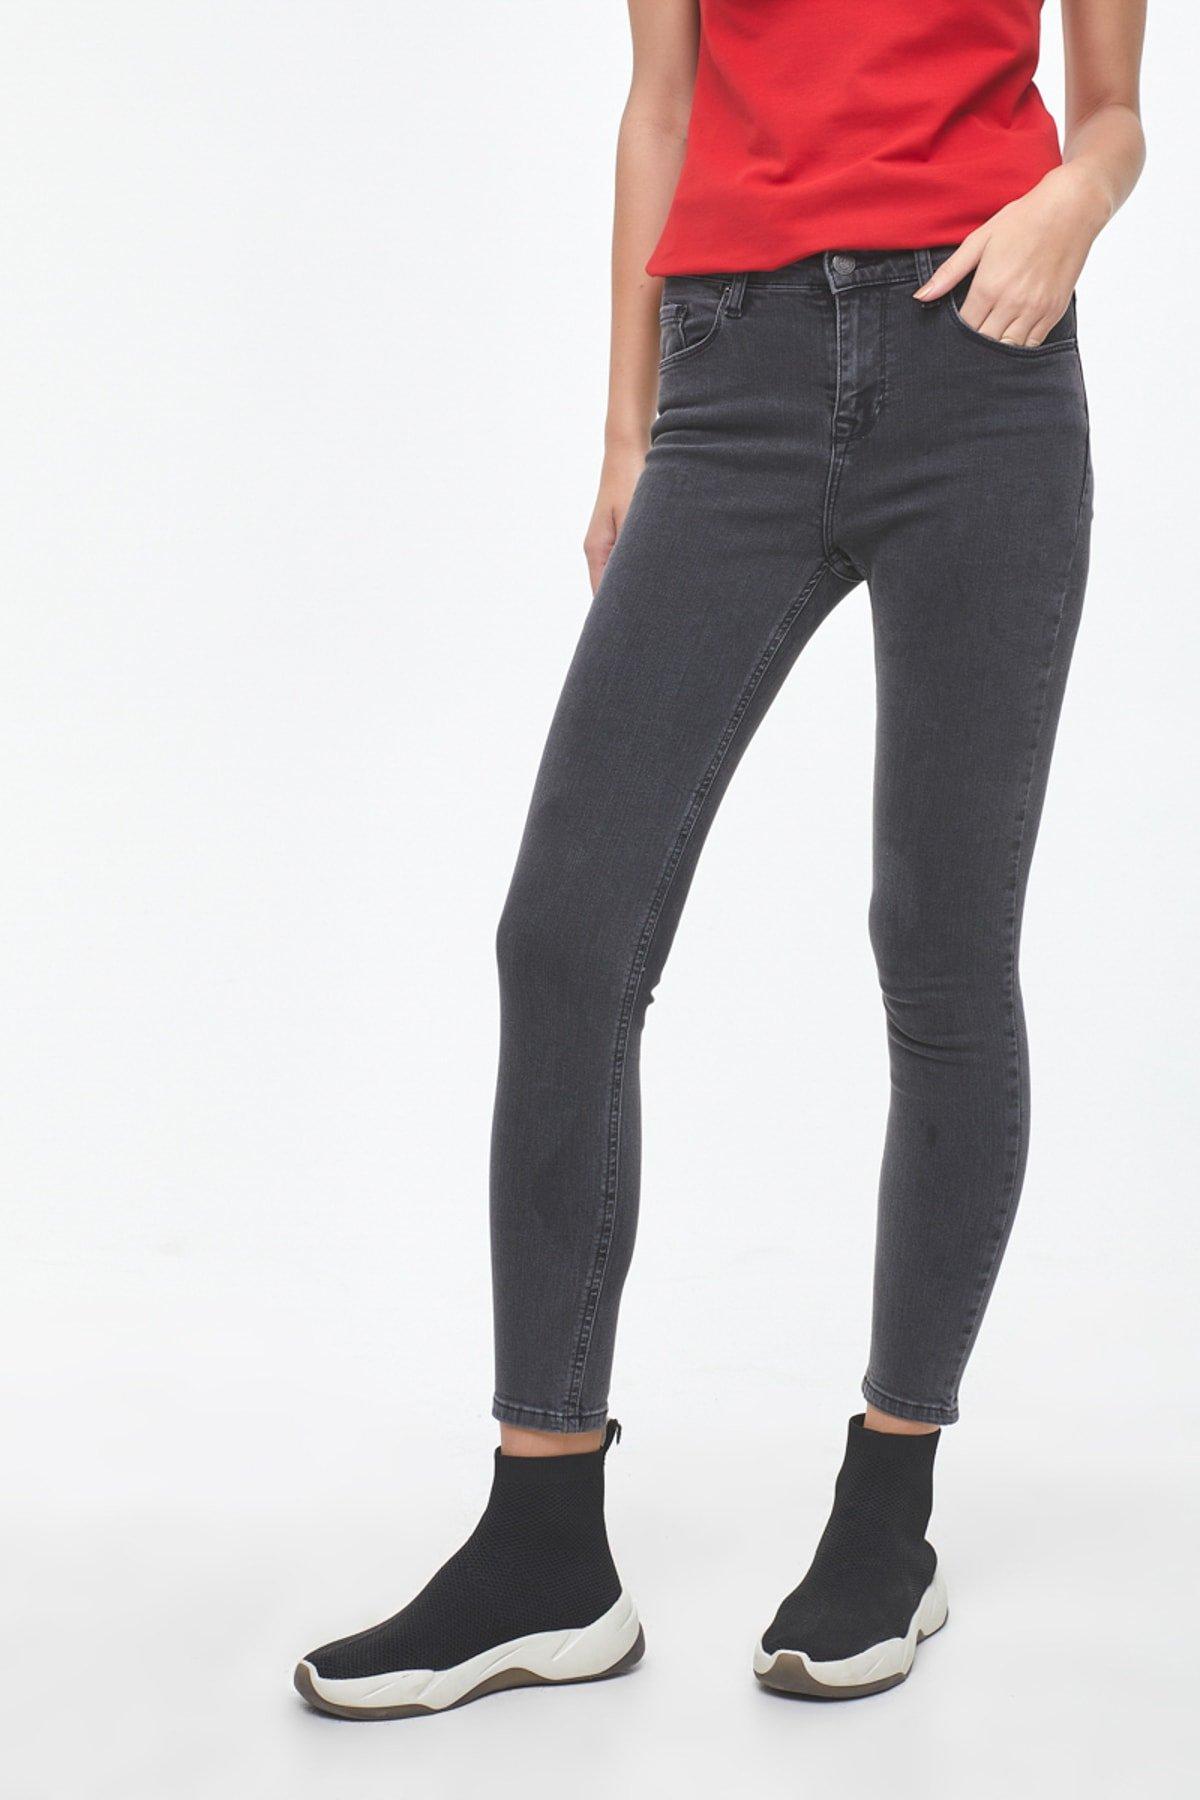 https://resim.oddamoda.com/05009513981457552019/xlirielw/arina-x-liriel-jeans-05009513981457552019-10770-8407.jpg